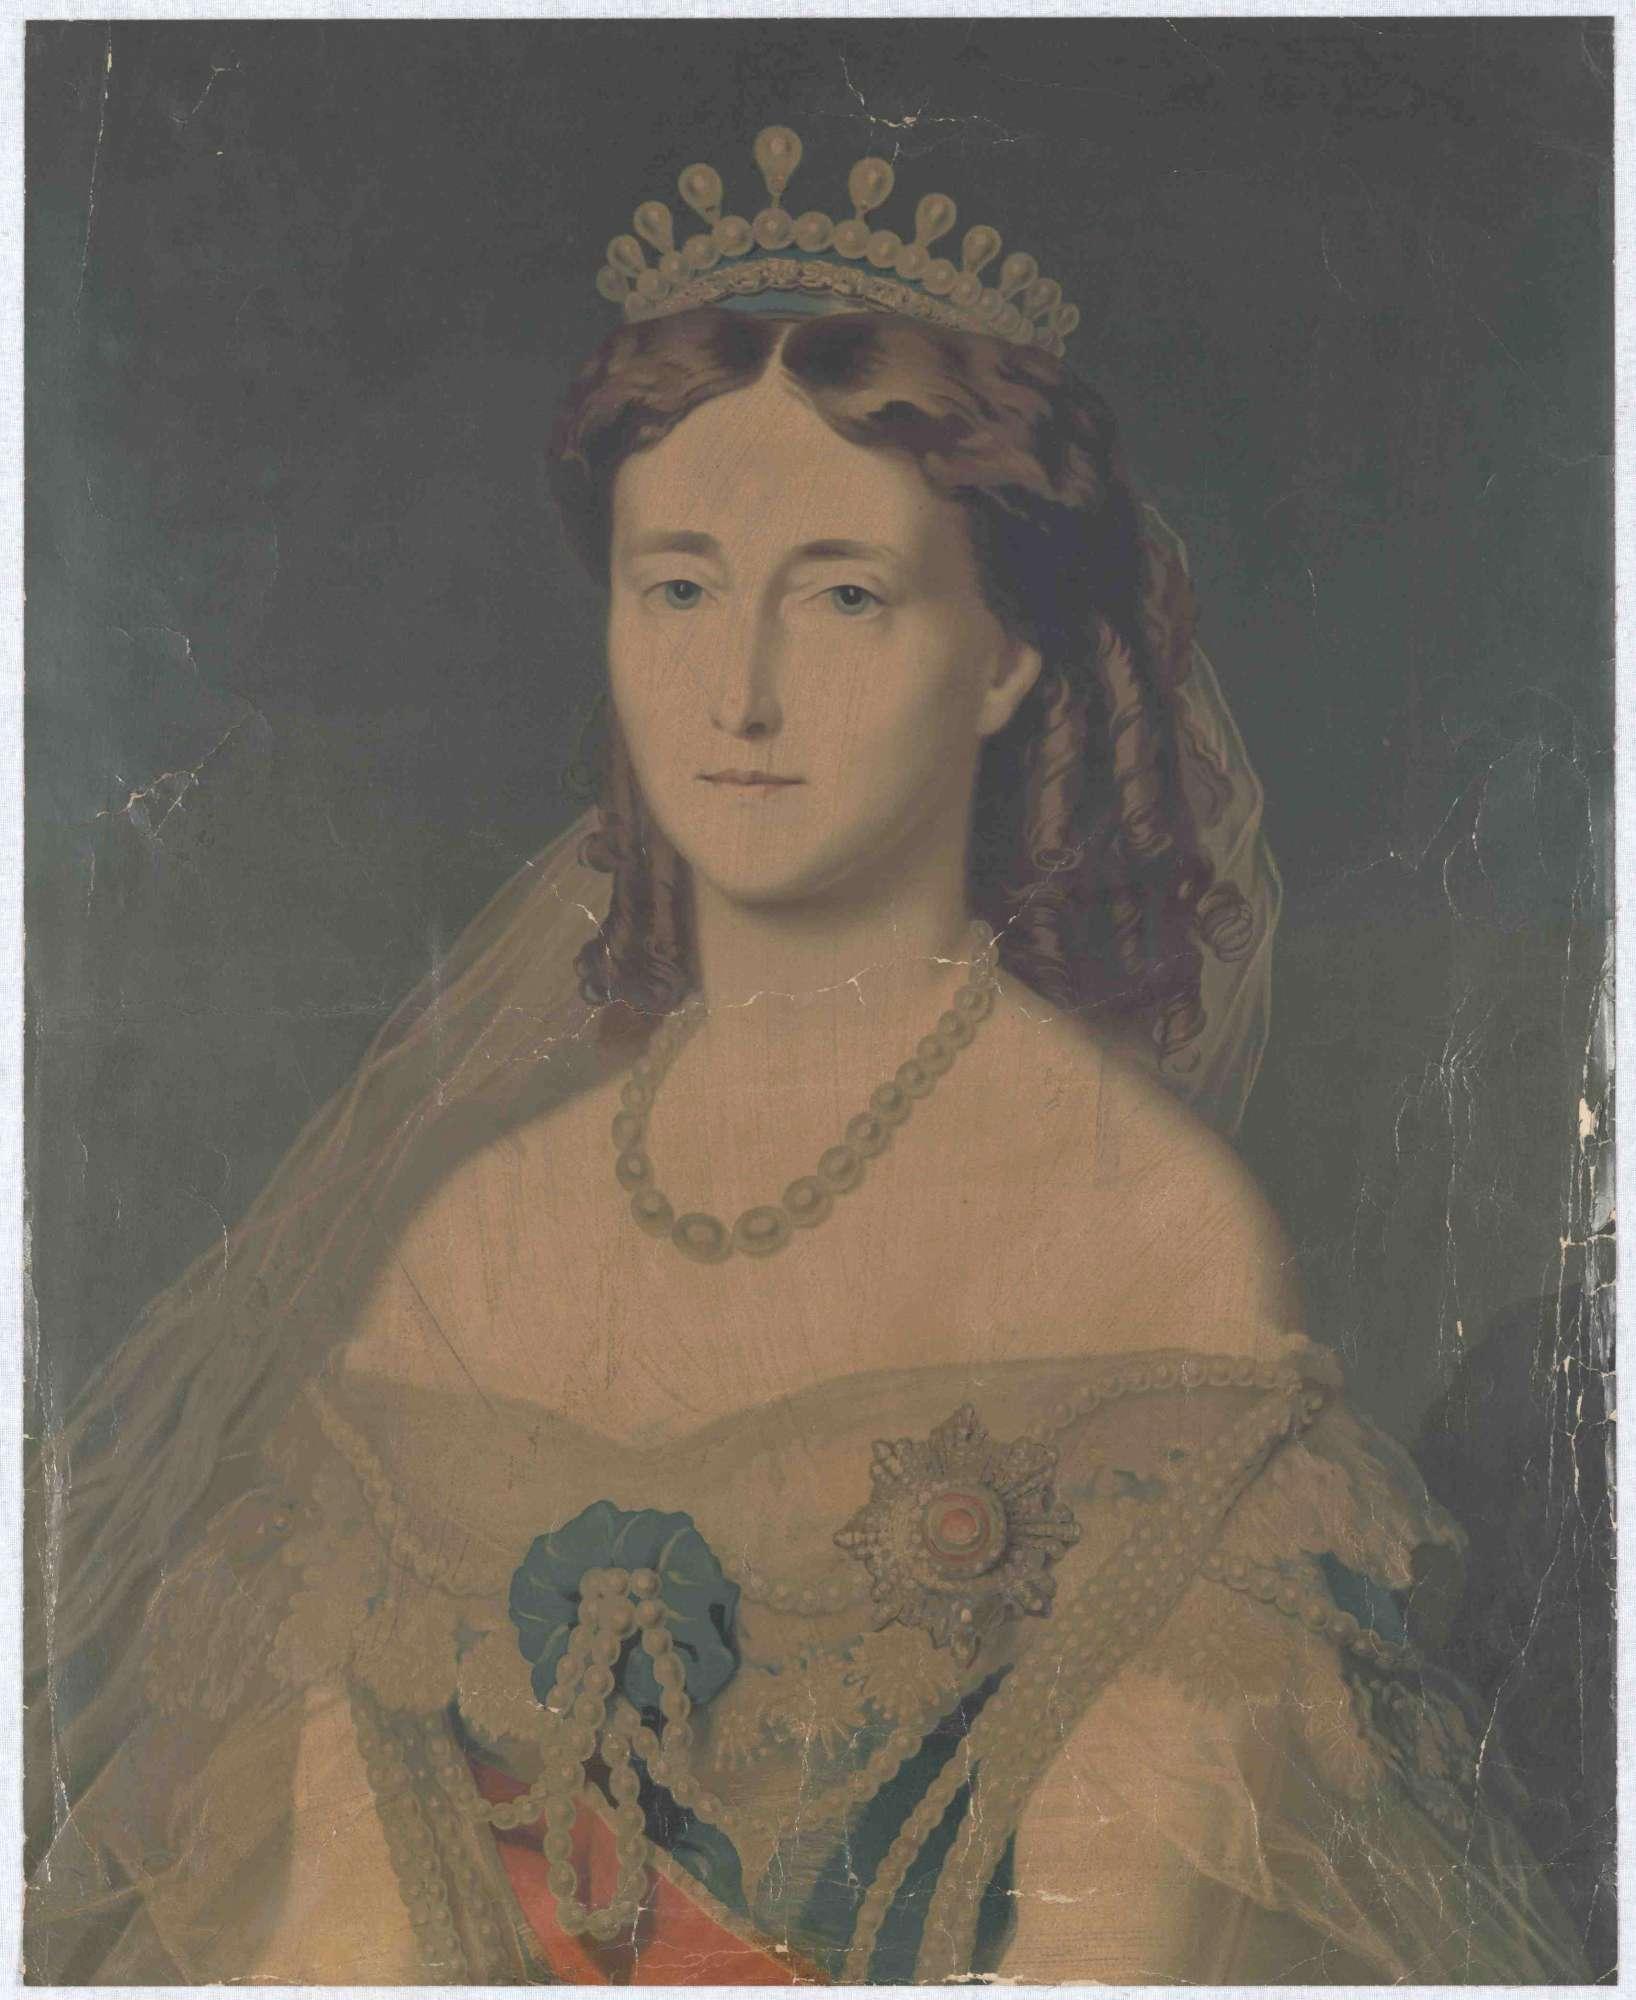 Königin Olga von Württemberg mit Krone und Orden, Brustbild, Bild 1